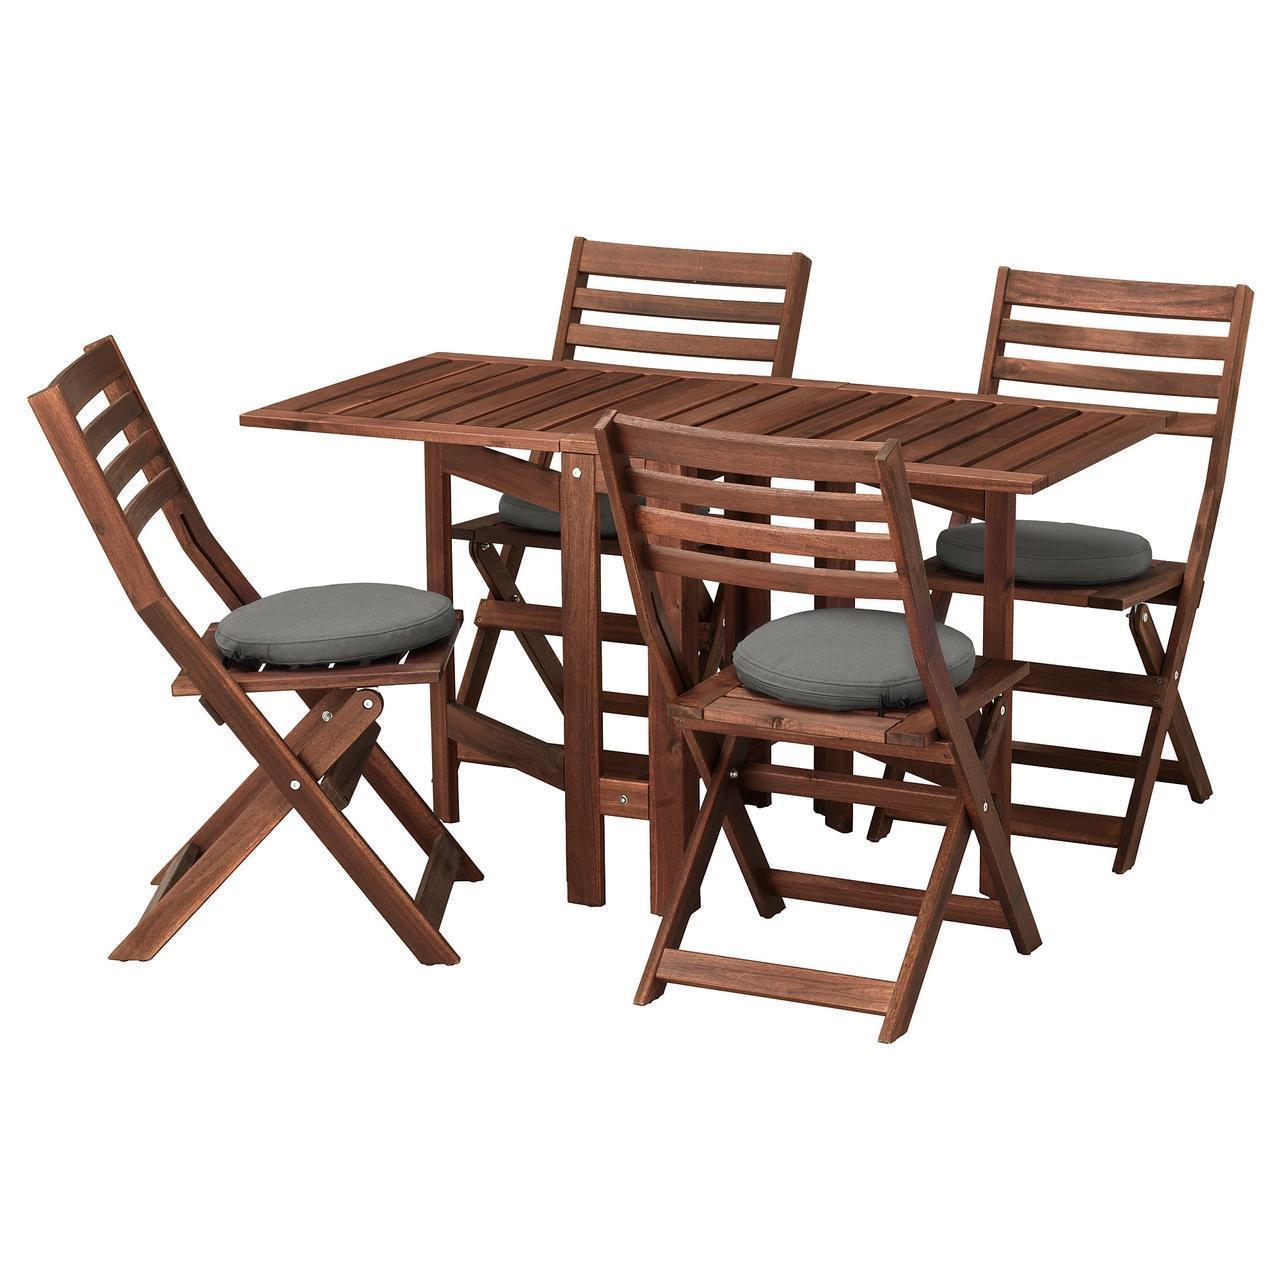 IKEA APPLARO Садовый стол и 4 раскладных стулья, коричневая морилка, (992.685.75)